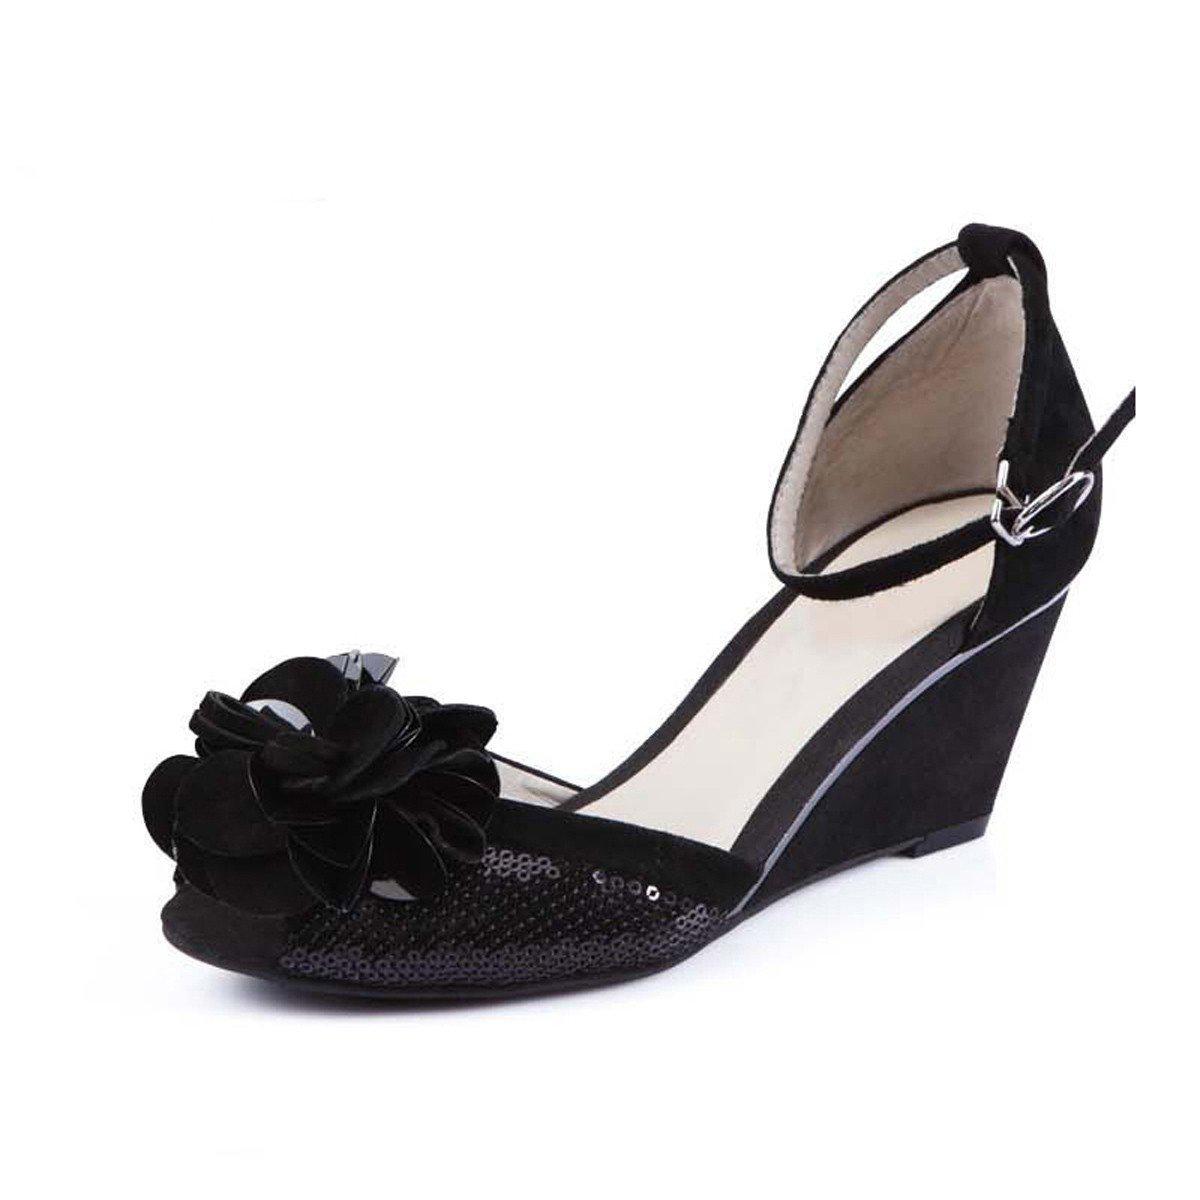 GTVERNH comfort scarpe da donna Slope con fiore sandali sandali sandali estivi 7 cm tacco alto pesce bocca nero benda, Nero, Thirty-five 719001